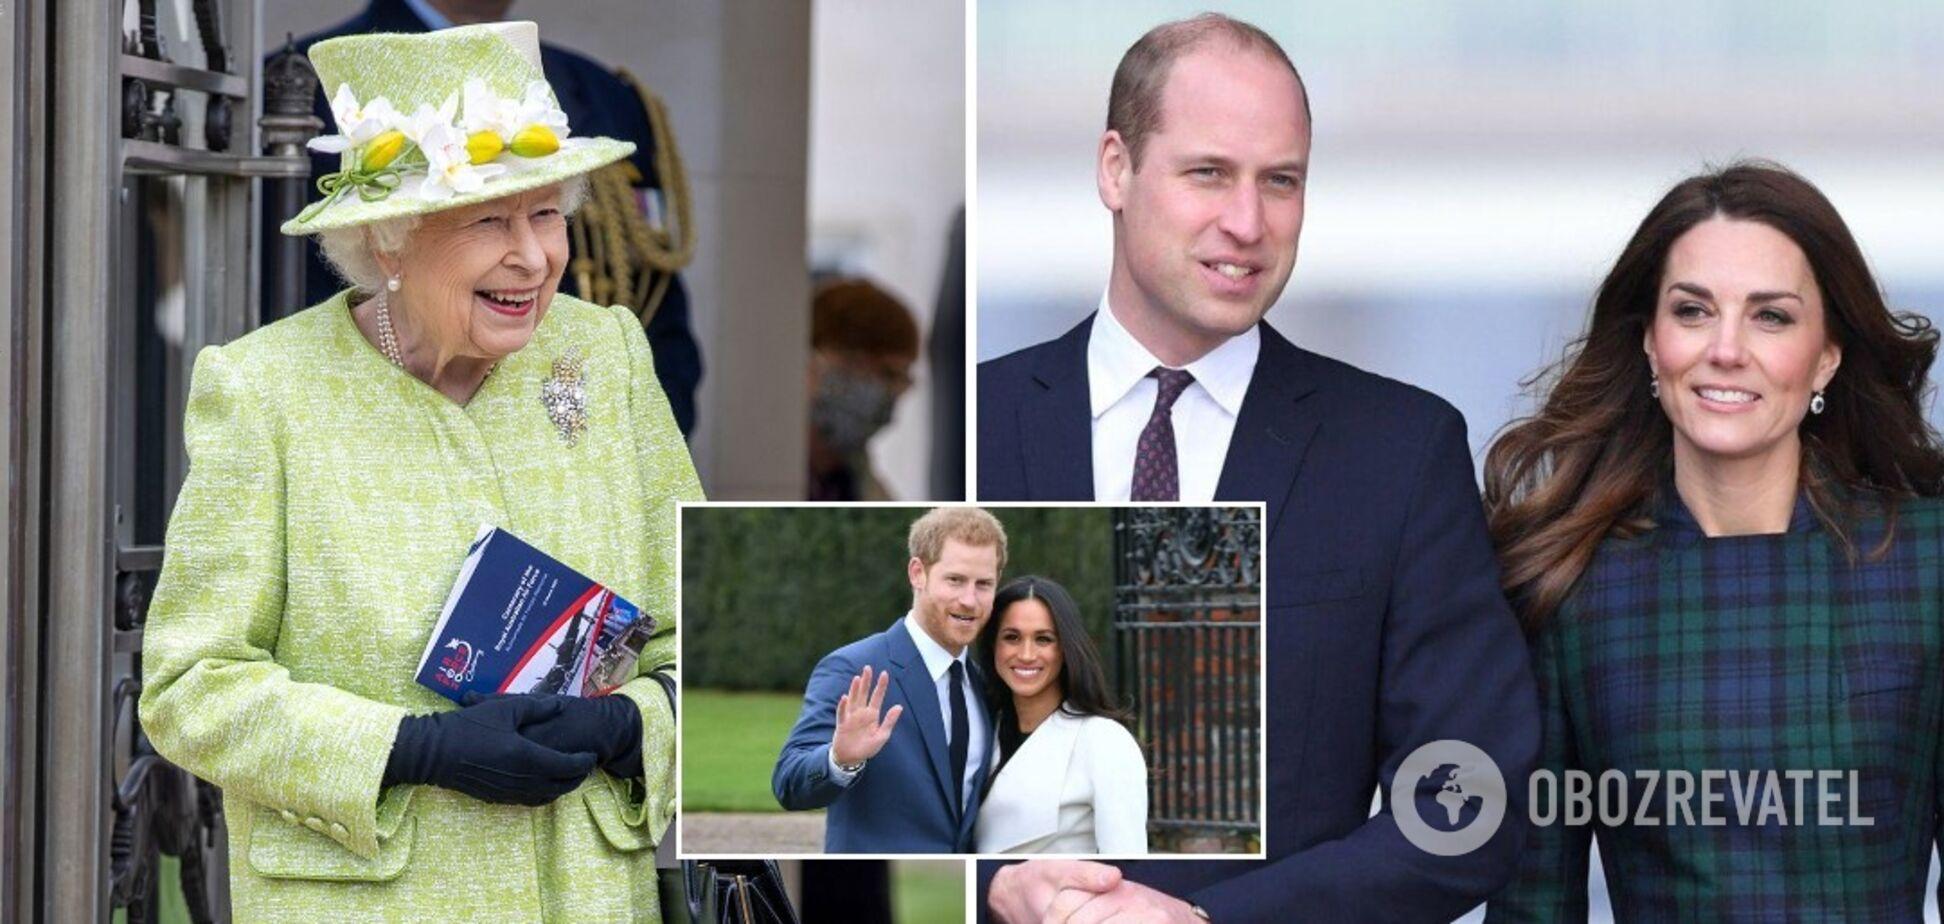 Королевская семья поздравила принца Гарри и Меган Маркл с рождением дочери